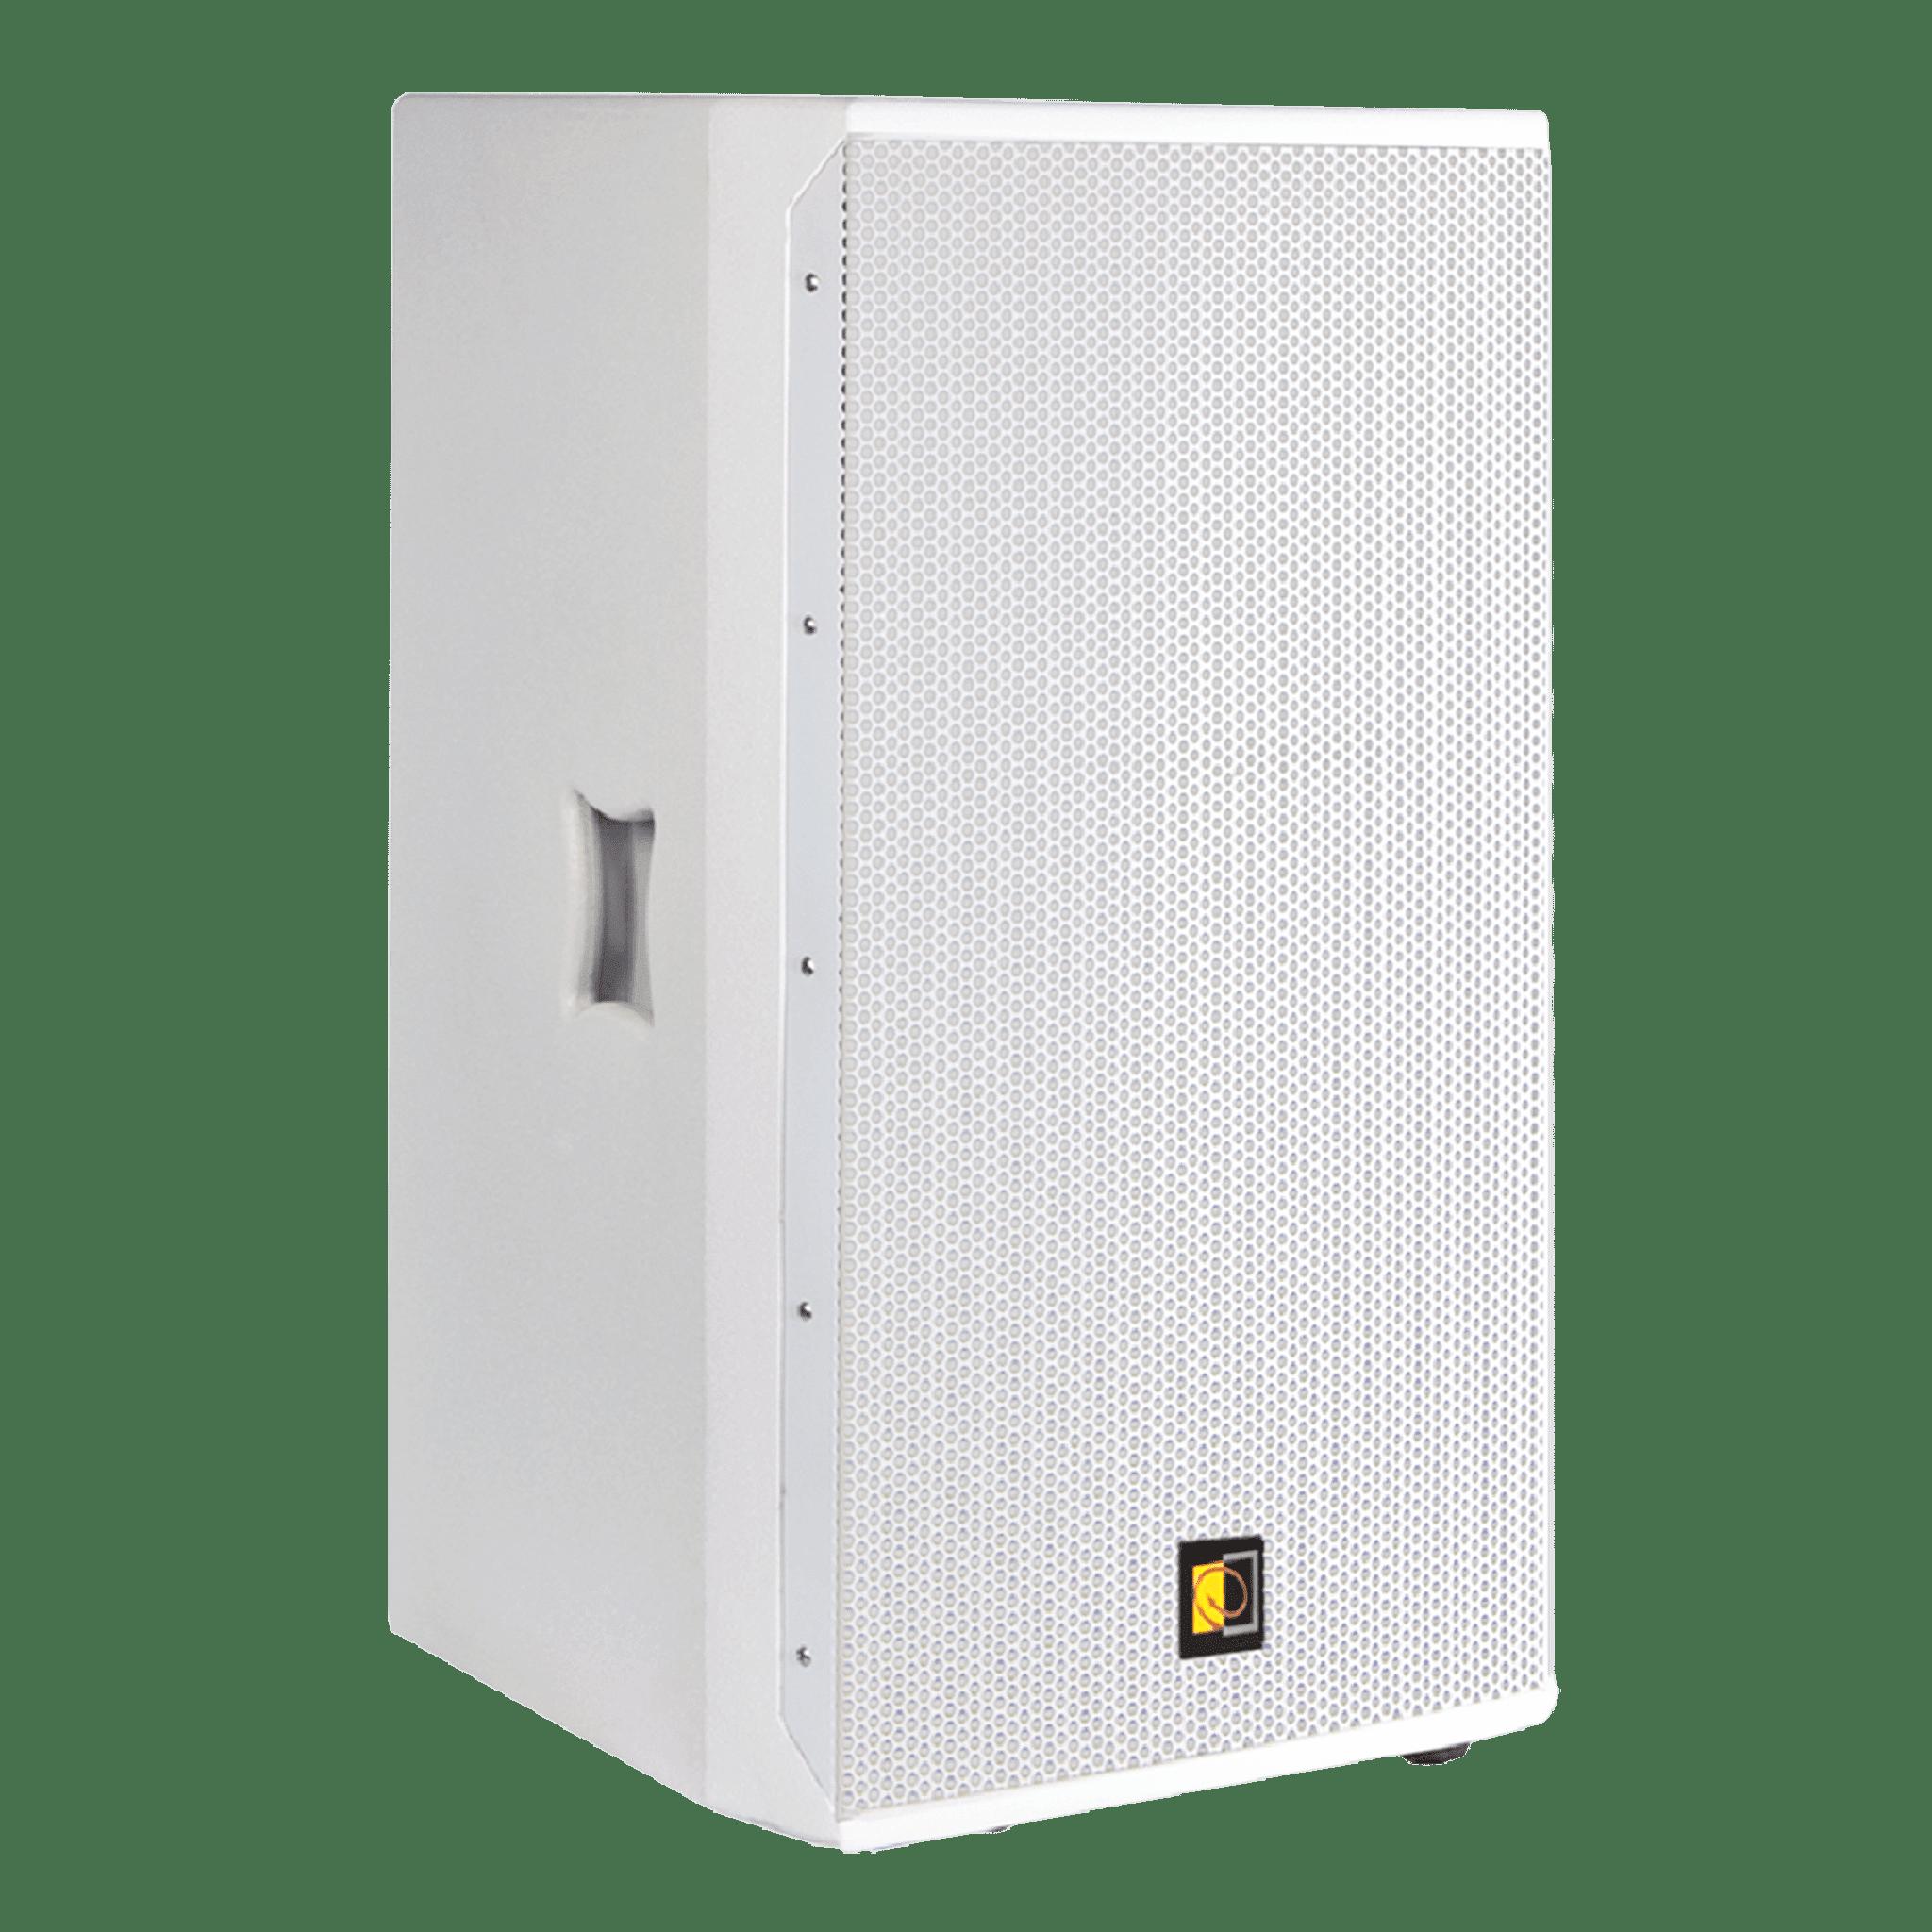 PX112MK2W - White version